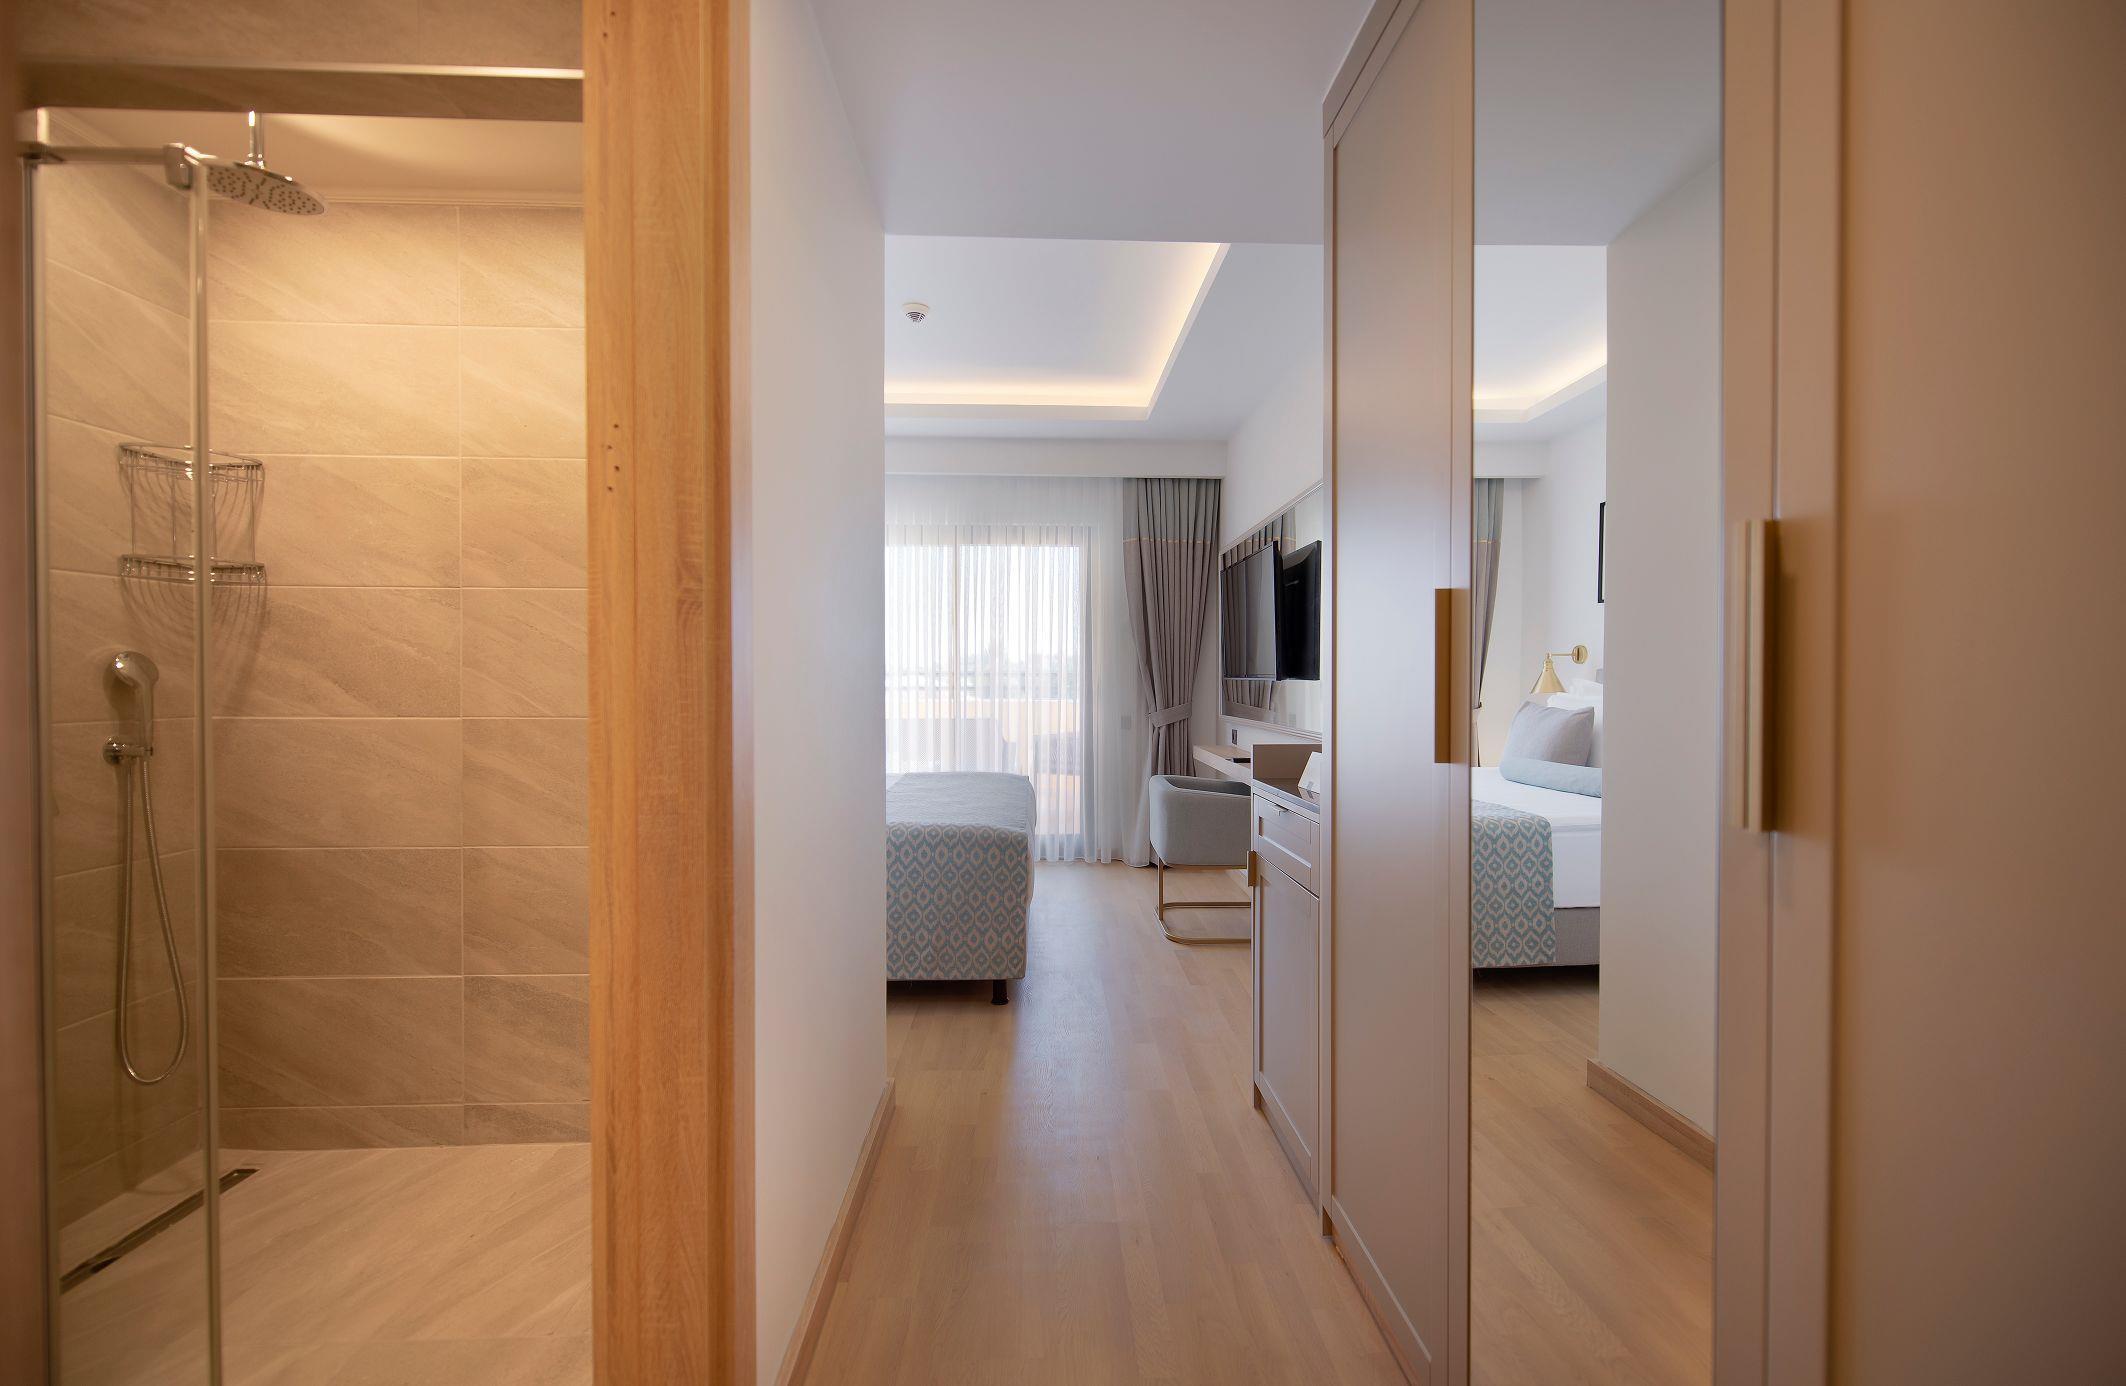 http://www.orextravel.sk/OREX/hotelphotos/miramare-queen-hotel-general-0030.jpg